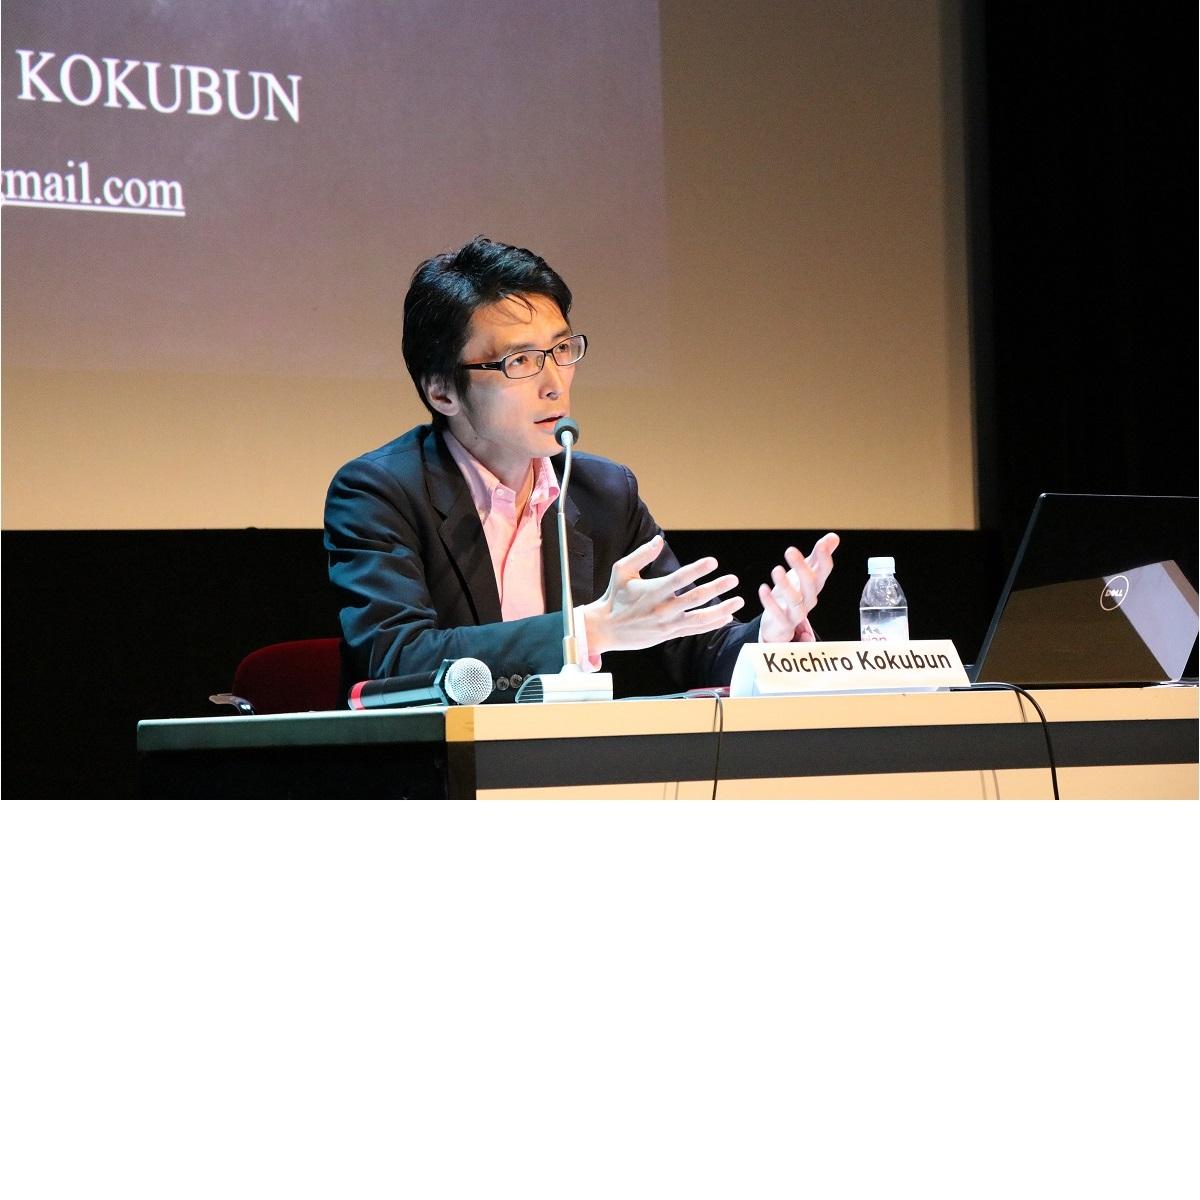 https://www.festival-tokyo.jp/dcms_media/image/kokubun2.jpg